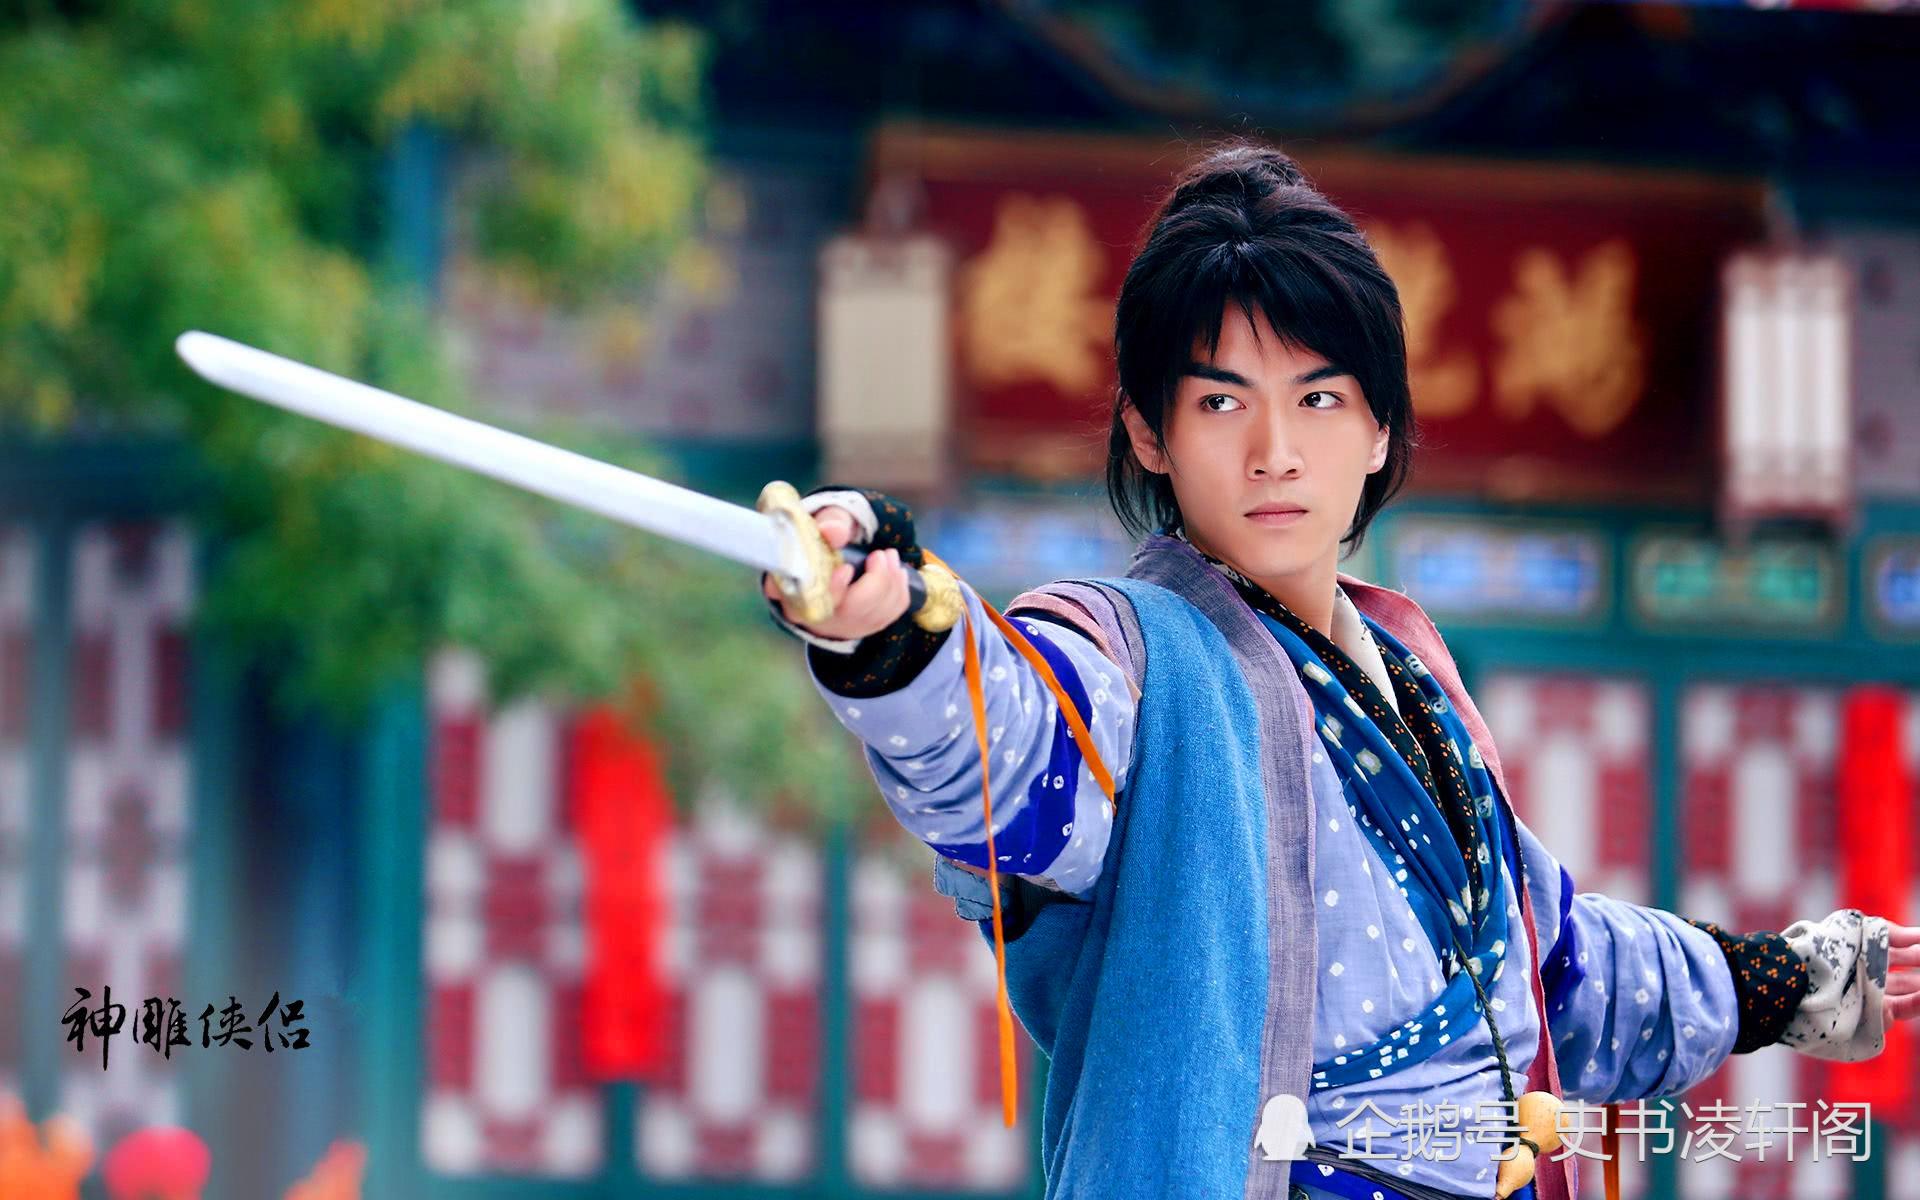 笑傲江湖中,只有此人破得了东方不败的辟邪剑法,他却不愿意出手